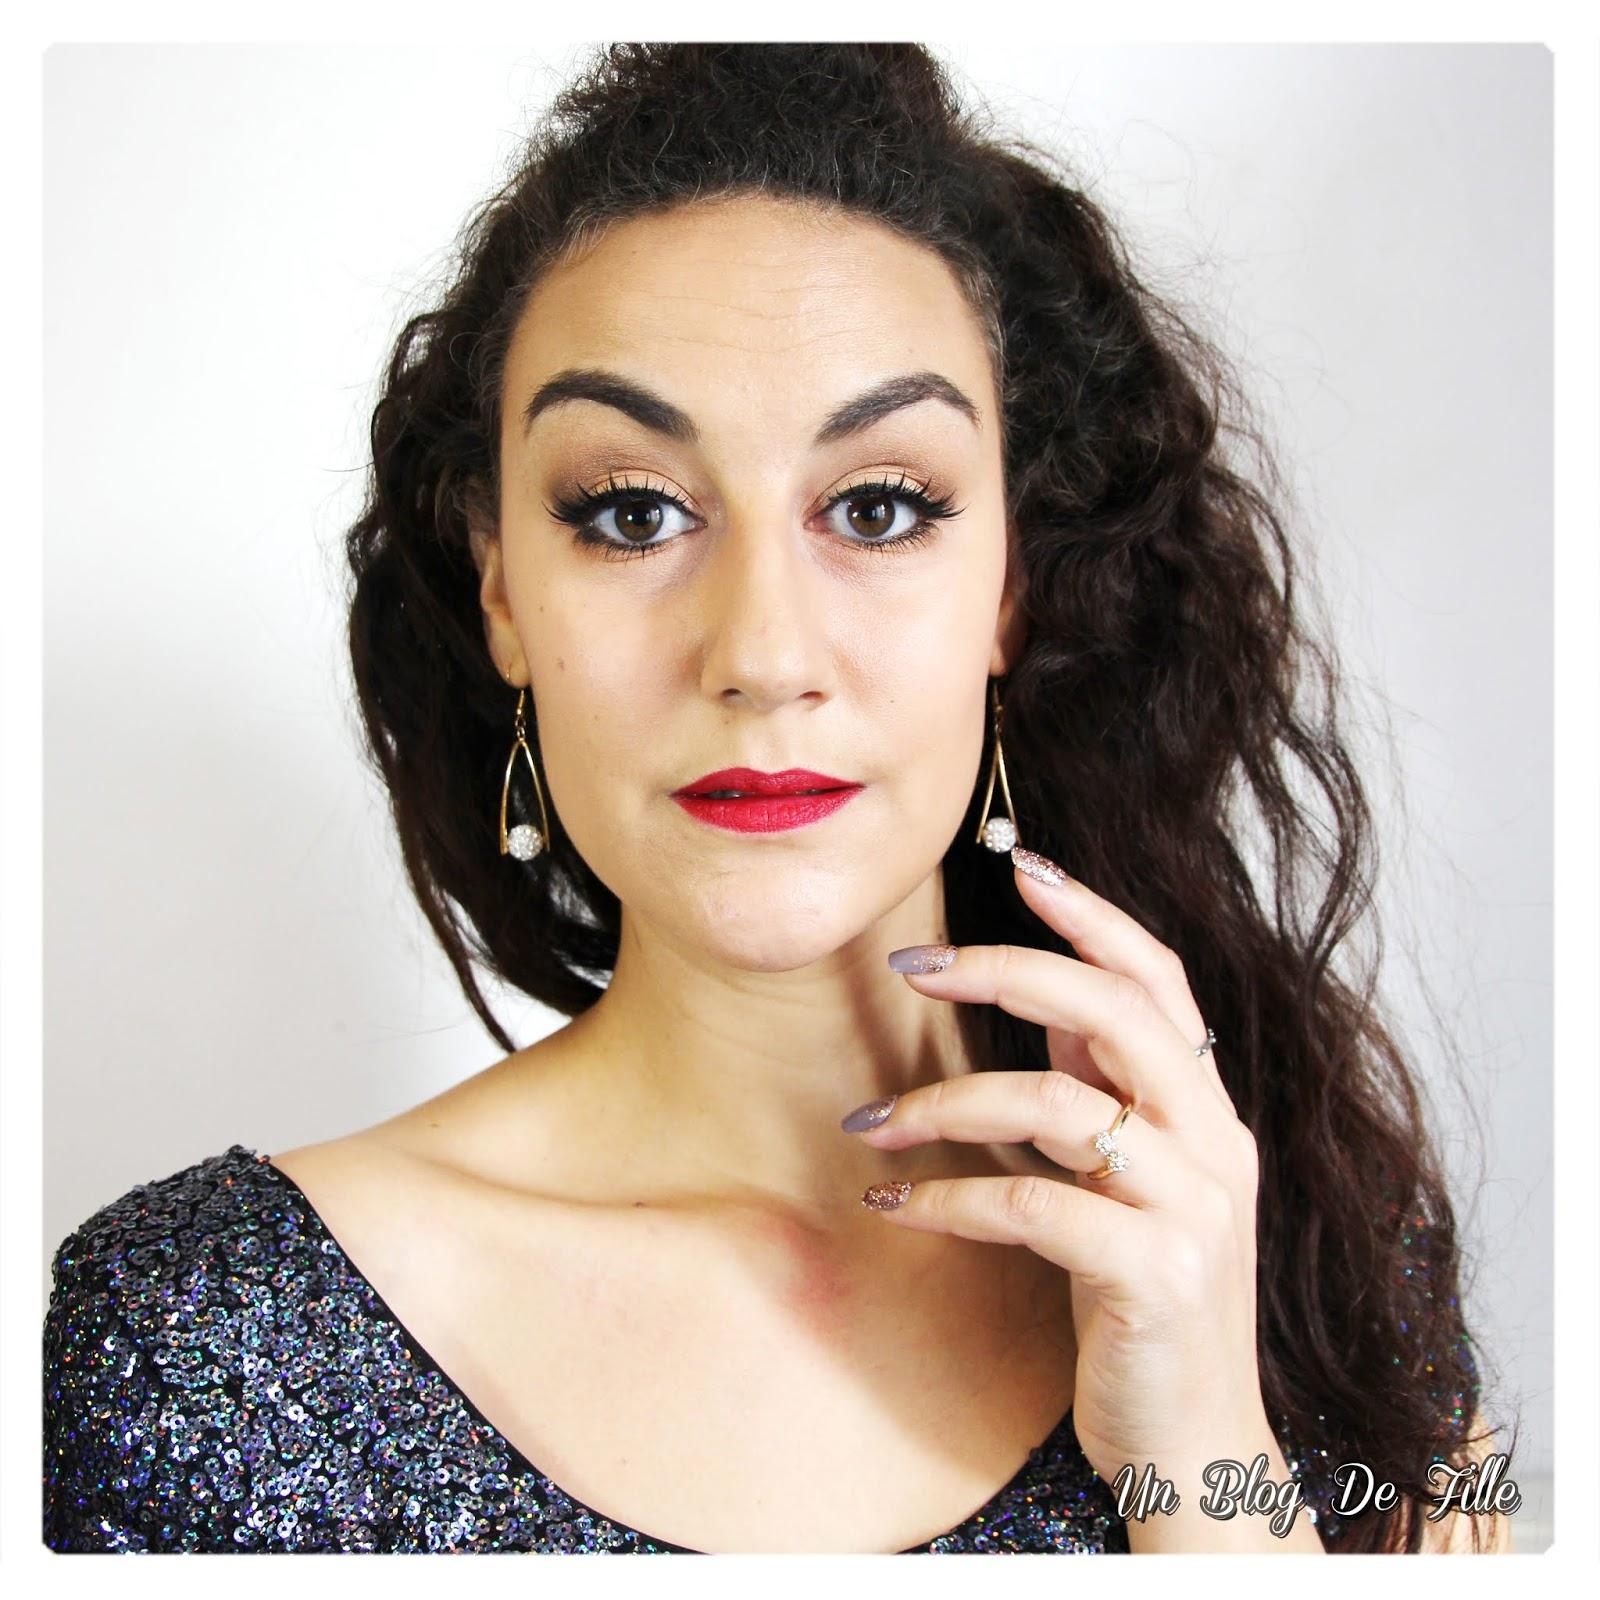 http://www.unblogdefille.fr/2018/12/maquillage-de-fetes-pour-le-nouvel-an.html